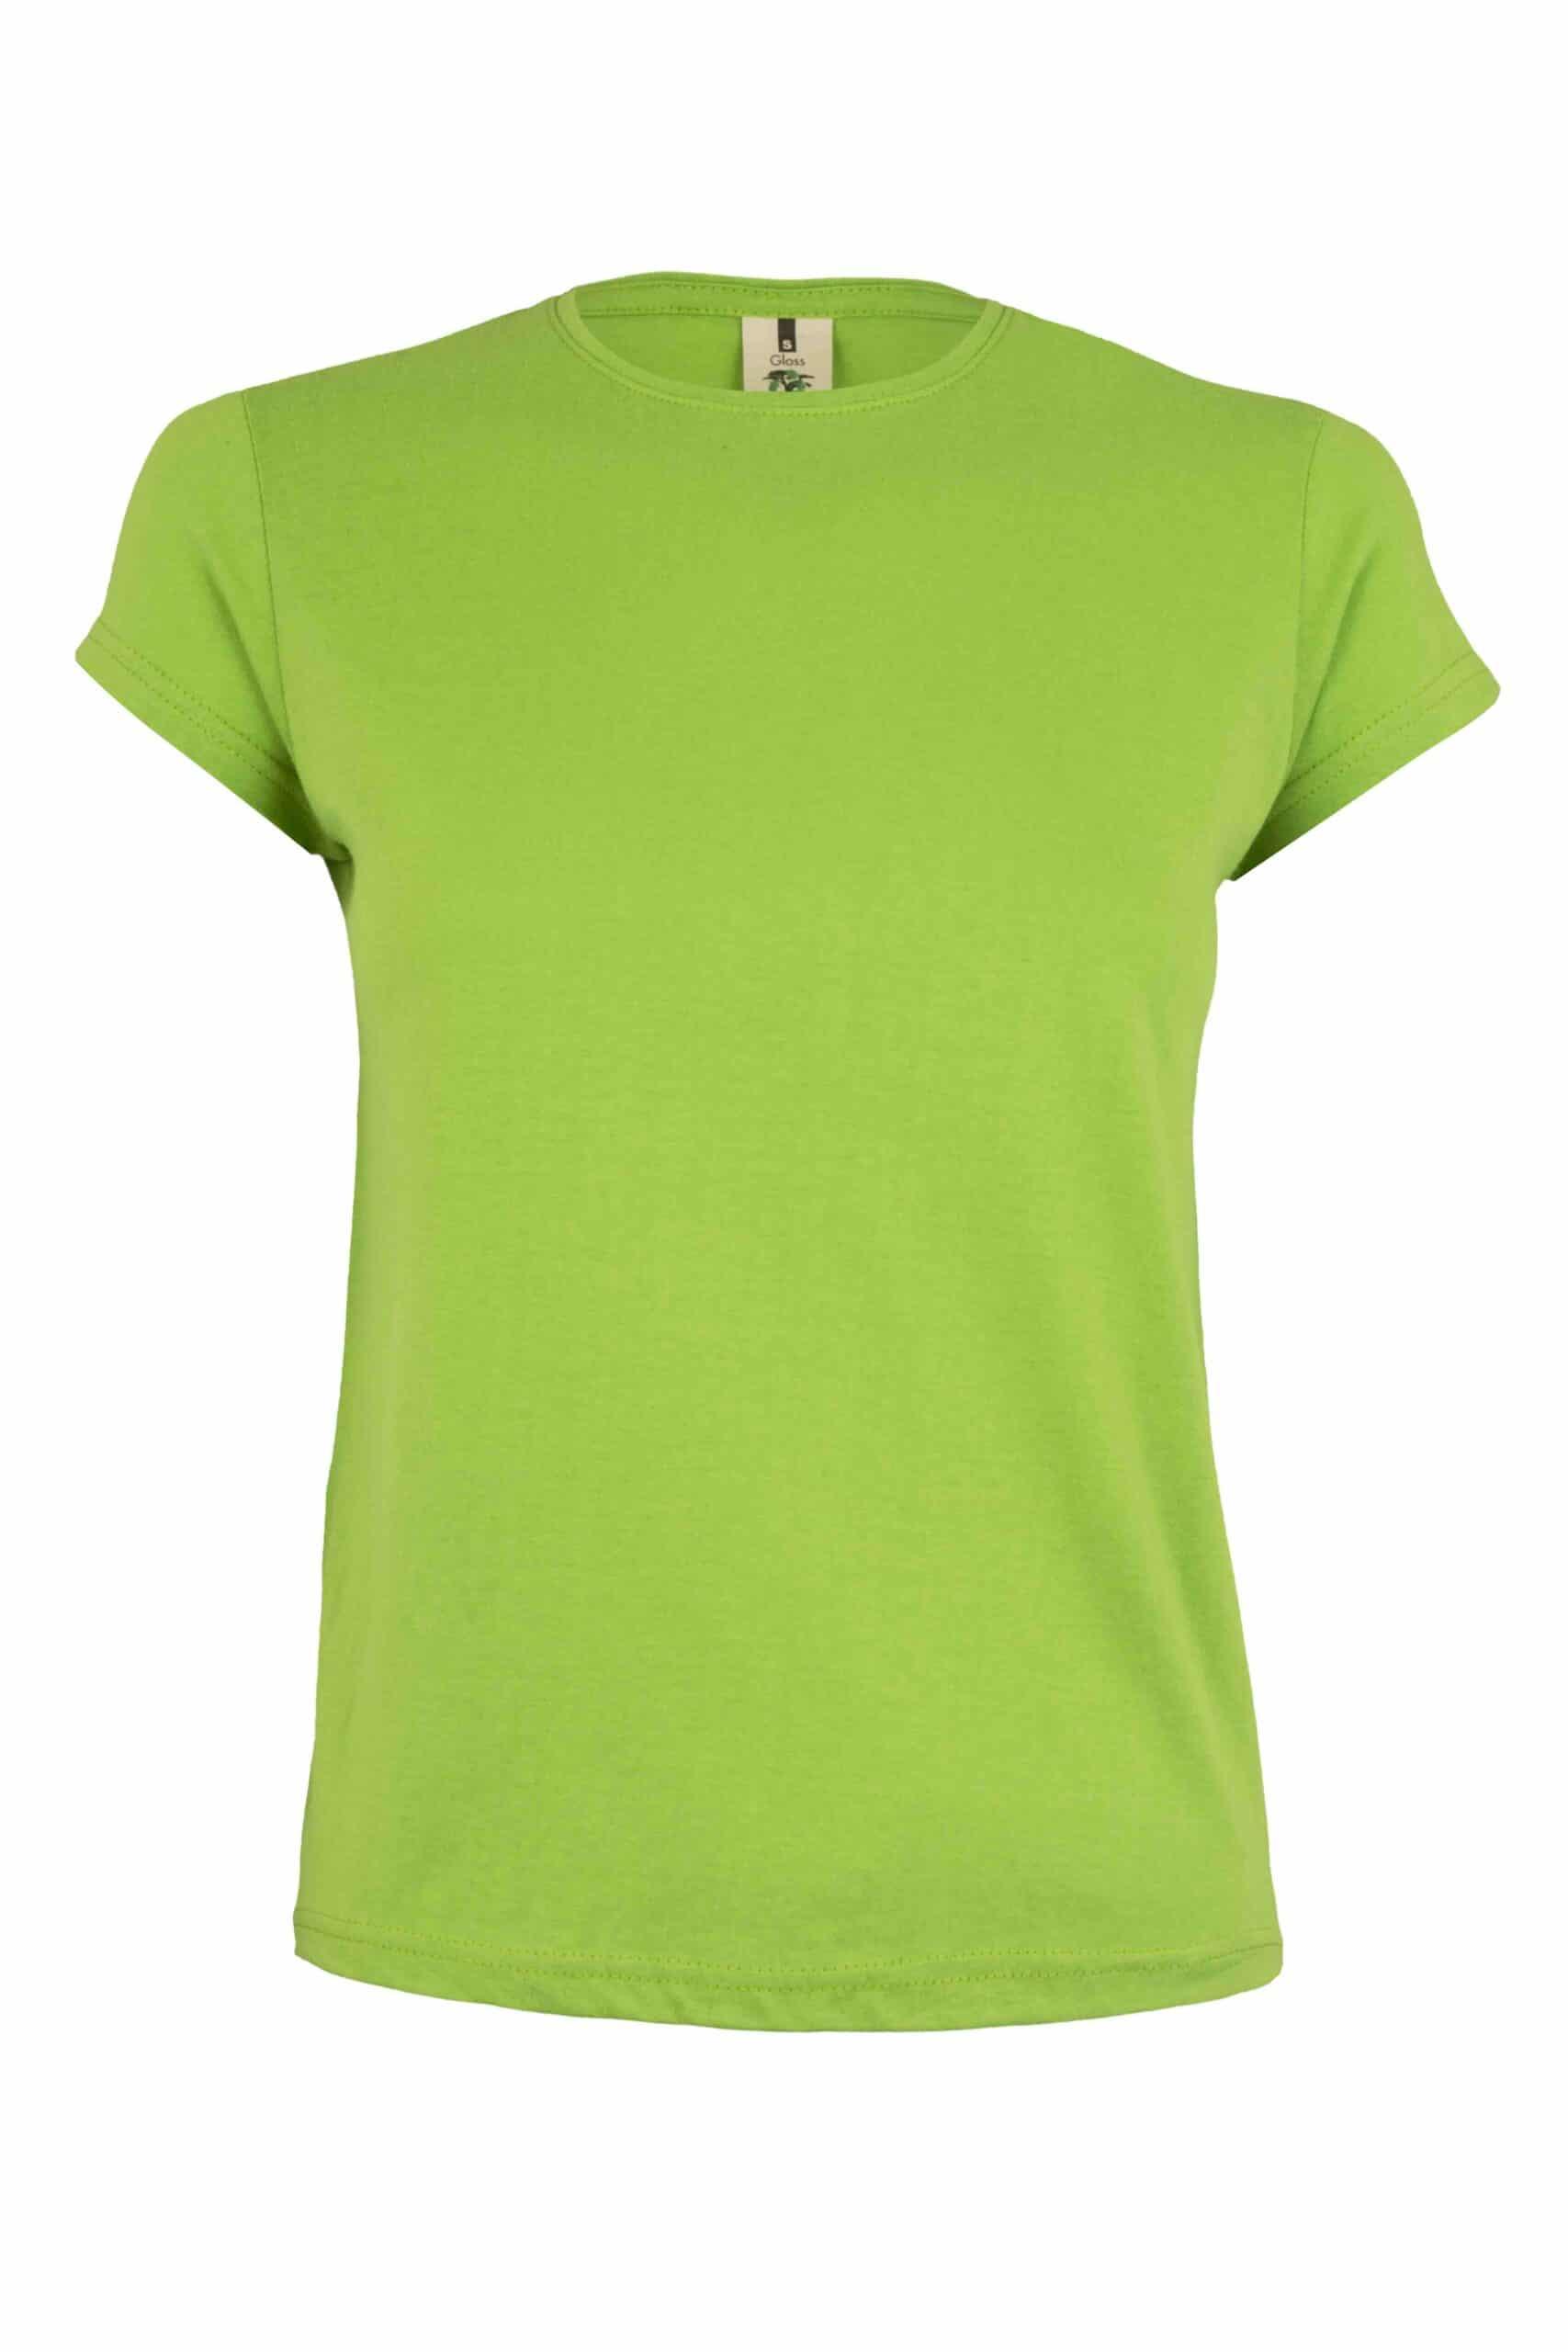 Mukua Mk170cv Camiseta Manga Corta 130gr Lime